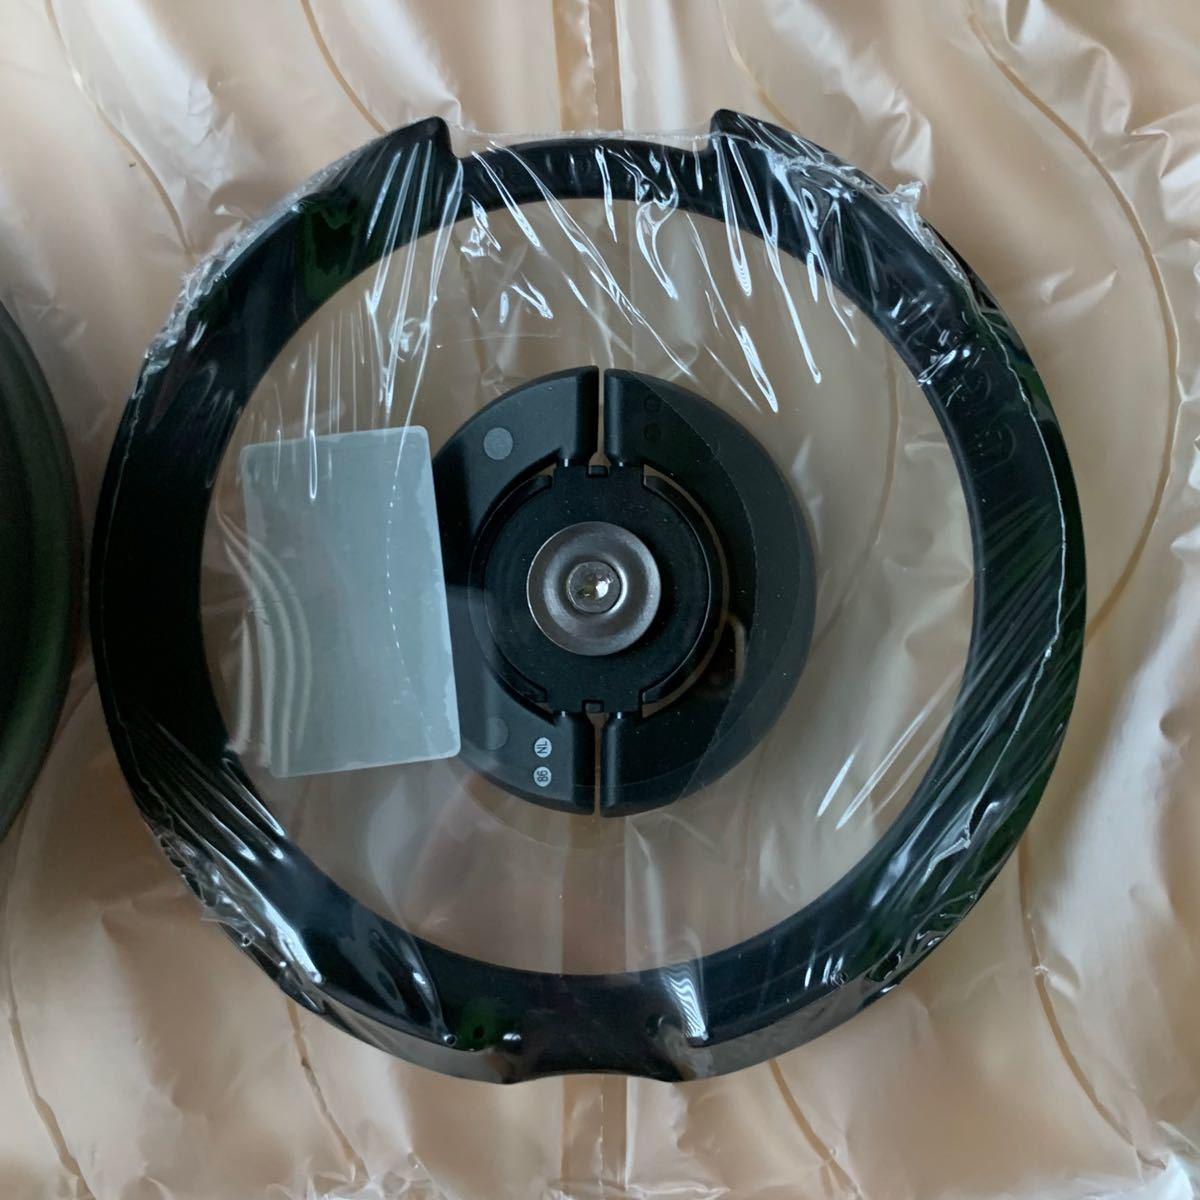 ティファール インジニオネオ IHシルクグレー ソースパン16cm  と ガラス蓋16cm